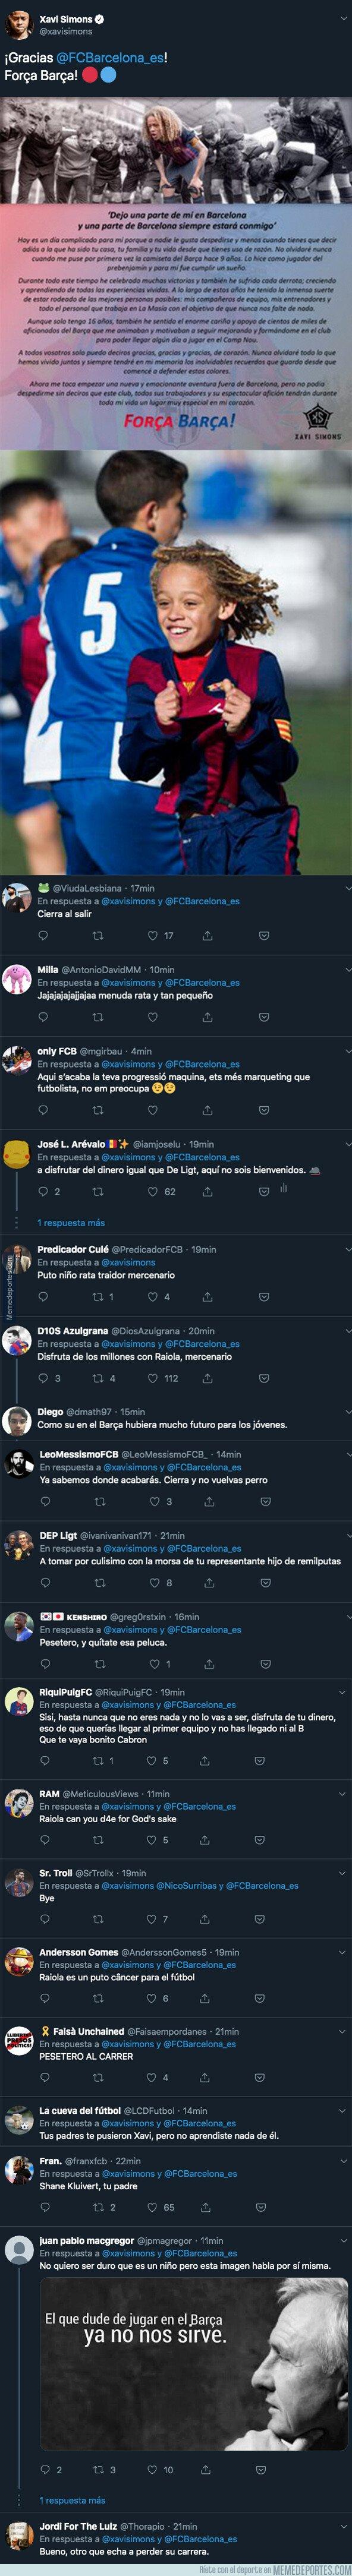 1081781 - El joven Xavi Simons anuncia que abandona el Barça y su cuenta de Twitter se peta de mensajes llenos de odio hacia él